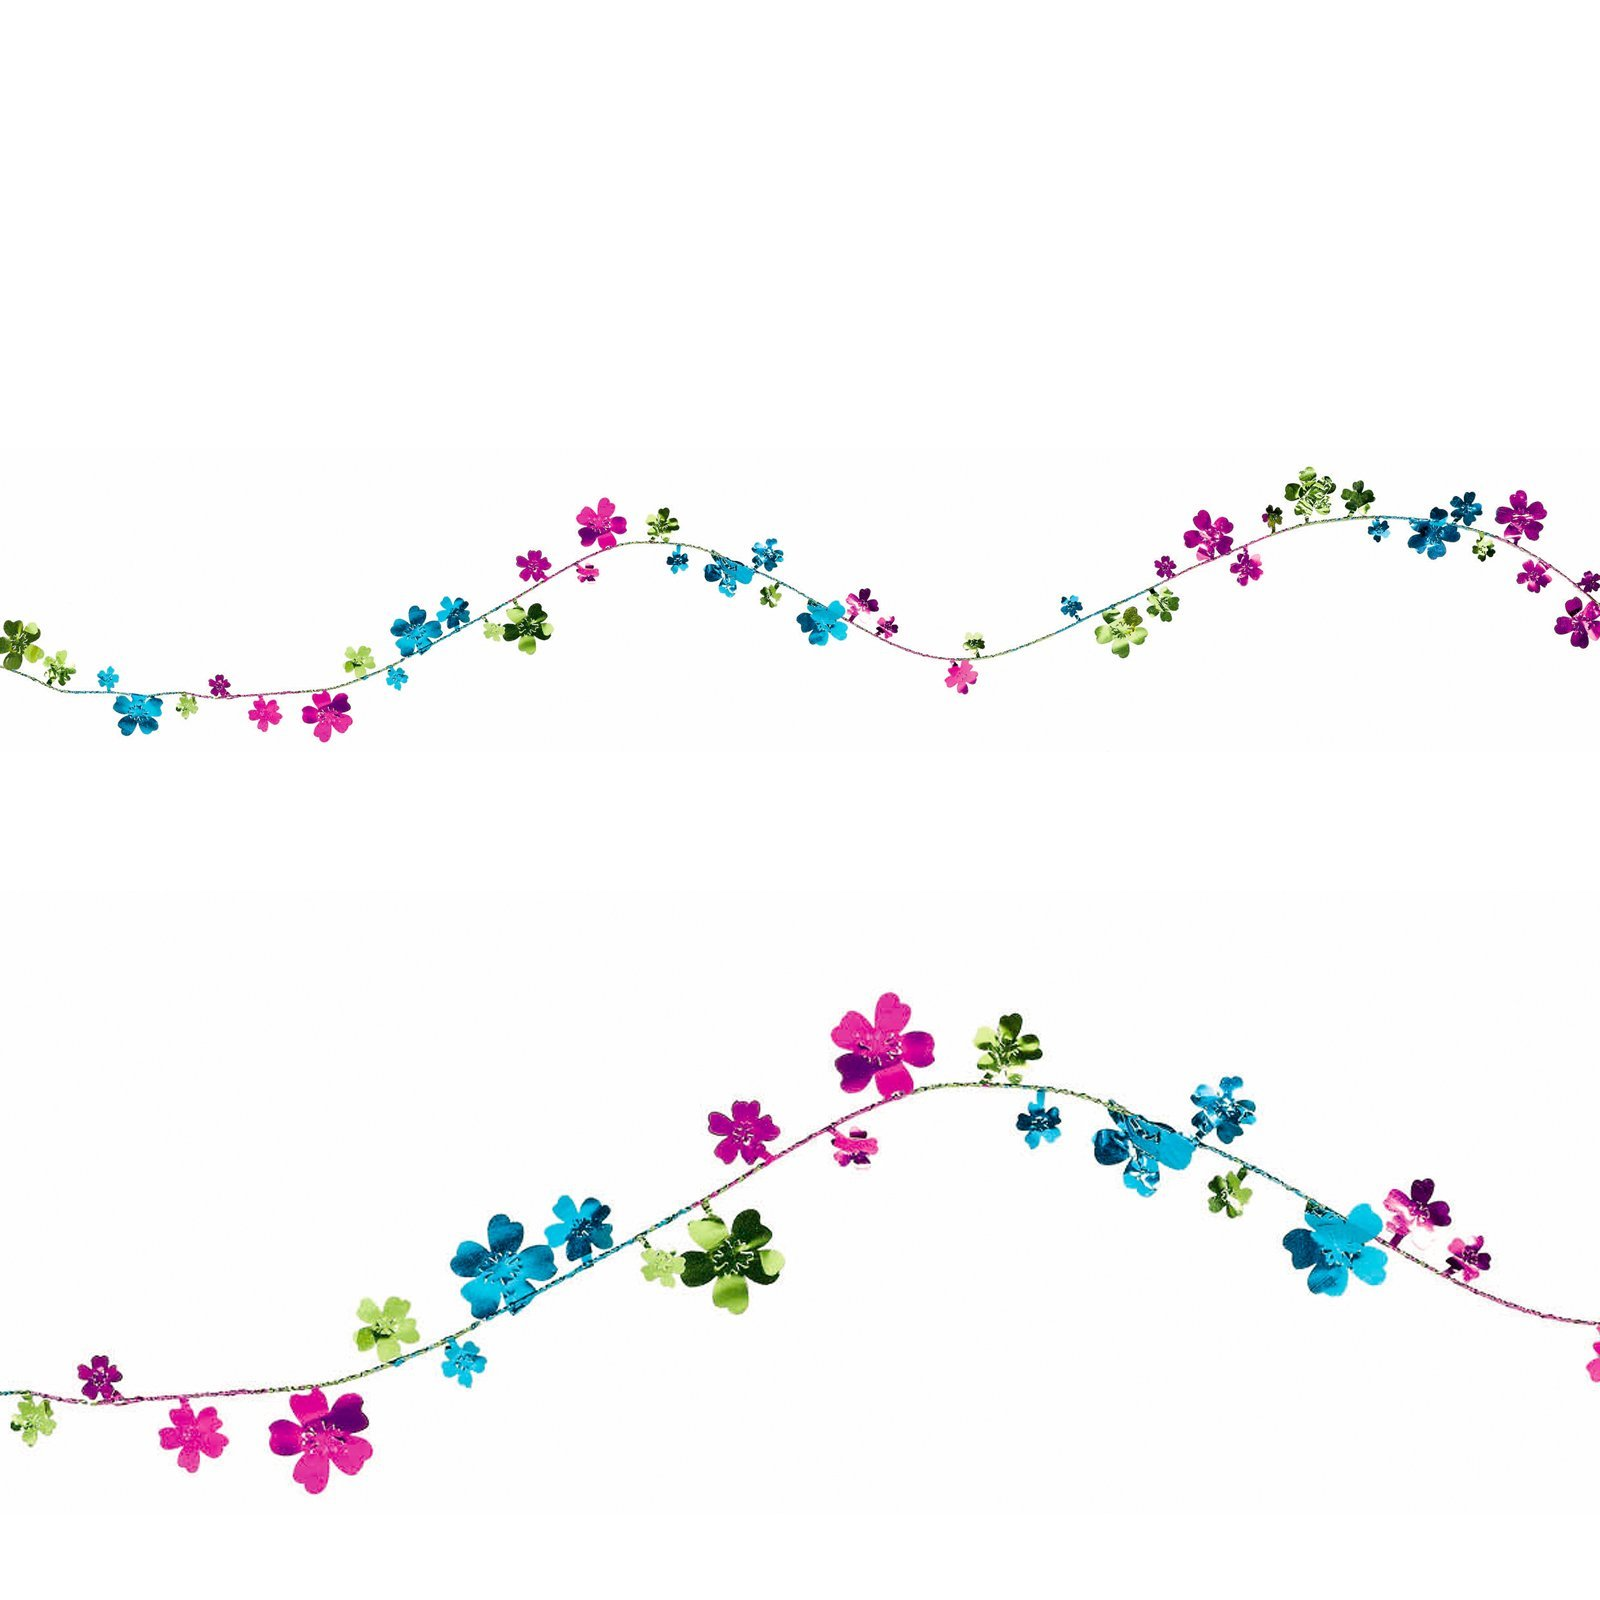 Flower garland clipart 7 » Clipart Portal.